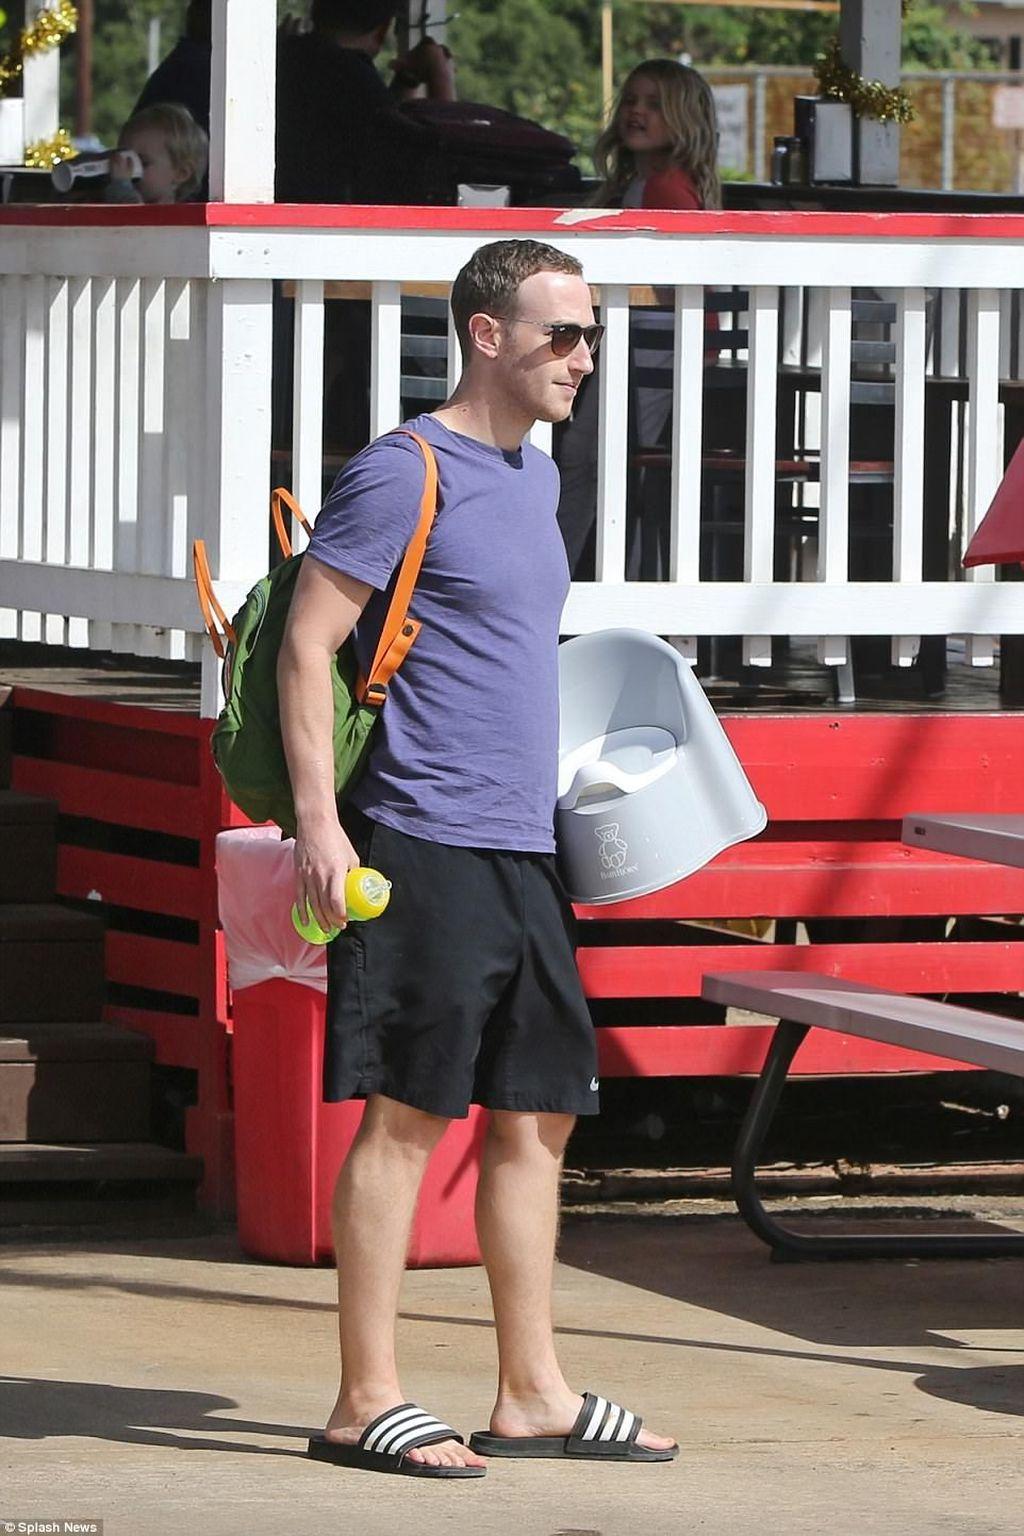 Ini adalah momen Zuck membawa toilet portabel saat liburan ke Hawaii. Toilet itu rupanya akan digunakan sebagai latihan oleh anak keduanya yang masih bayi, August. Zuck bersama keluarganya saat ini sedang liburan di Hawaii. Foto: Mirror